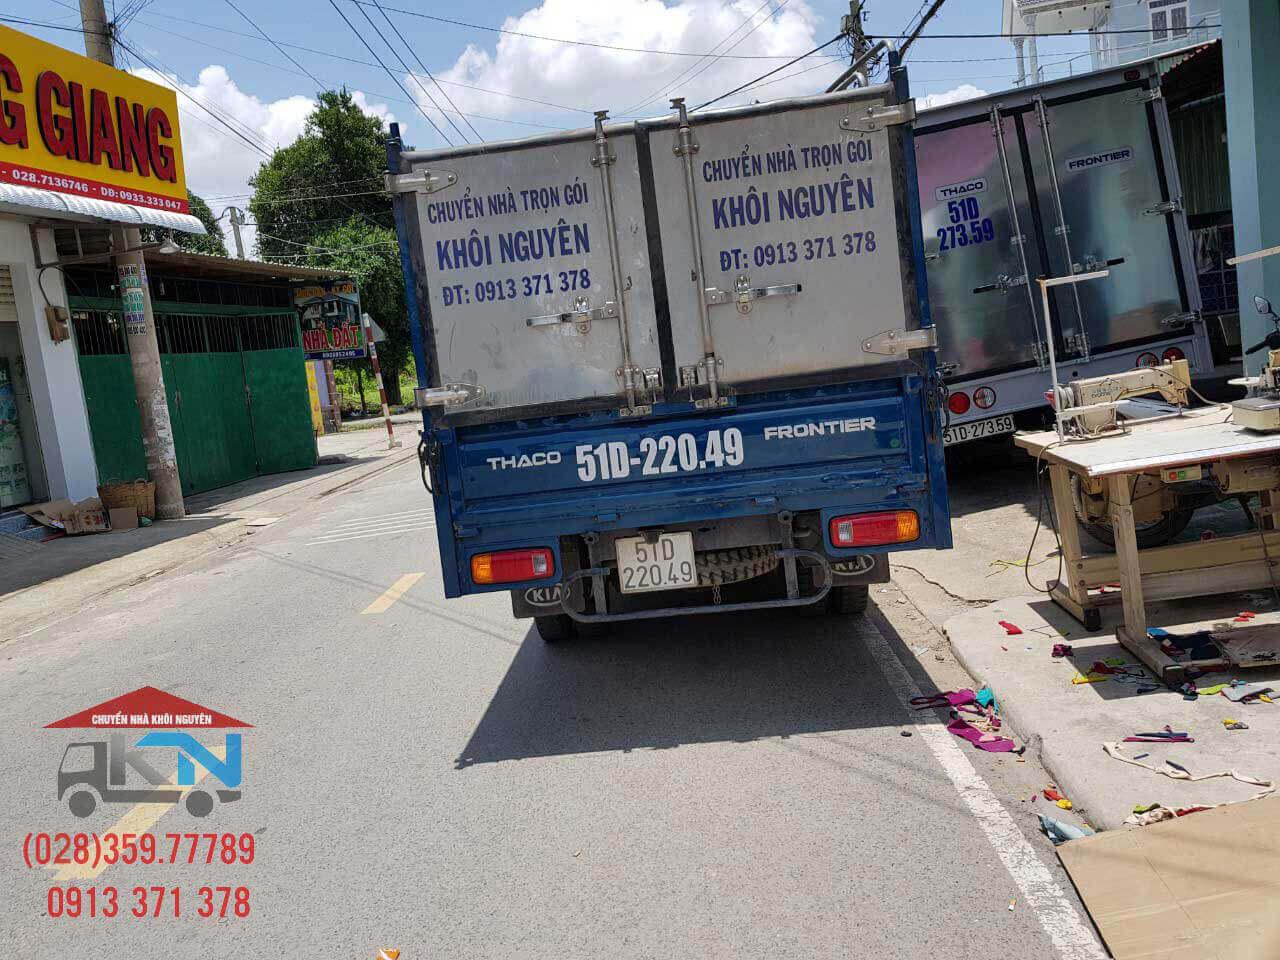 Dịch vụ taxi tải, cho thuê xe tải chở hàng giá rẻ